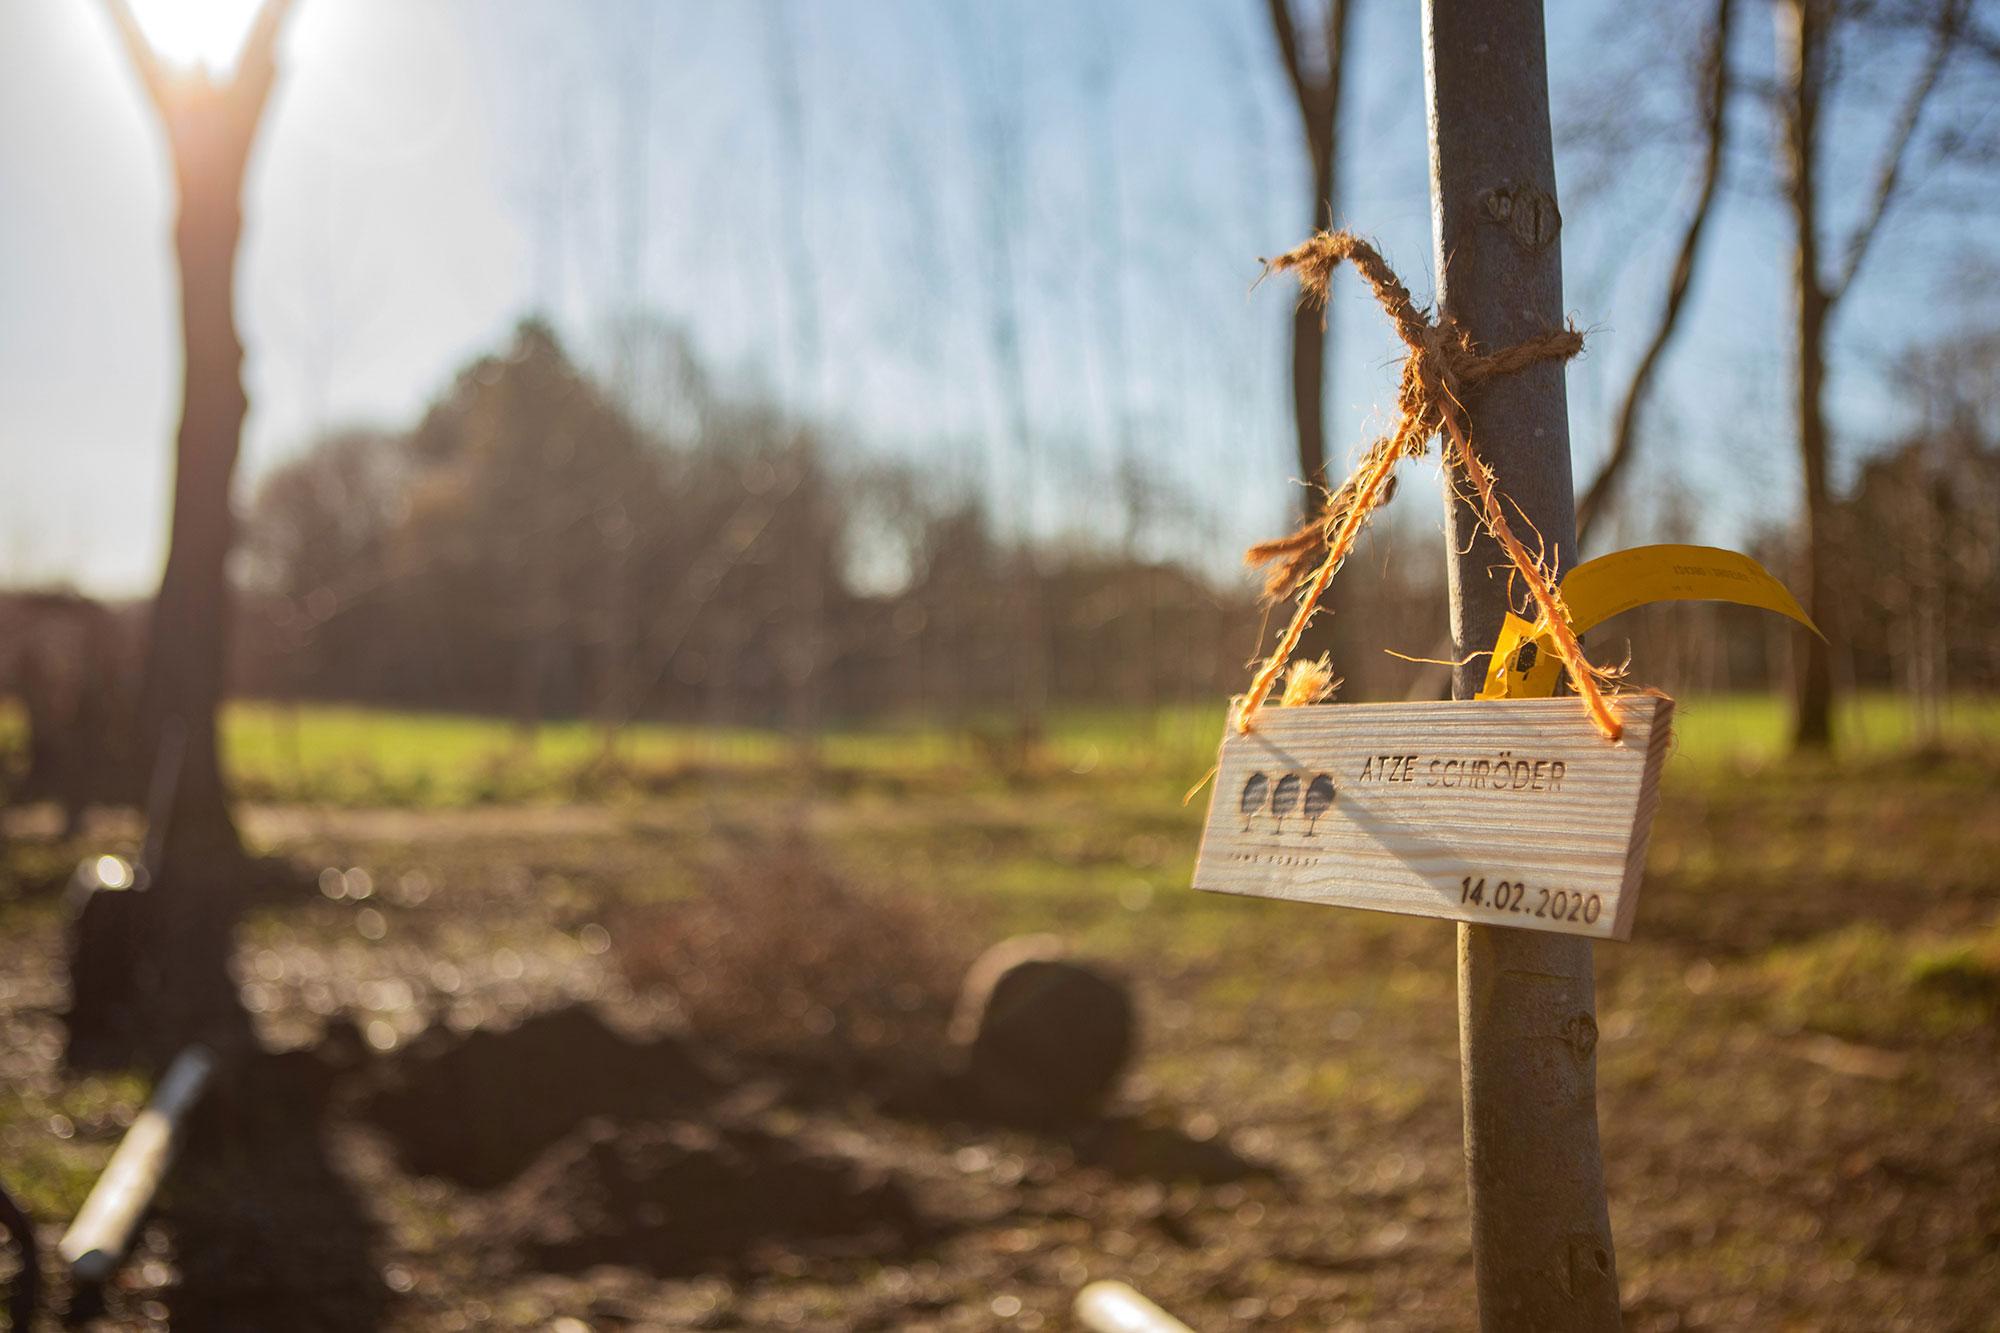 FAME FOREST - Atze Schröder @ Maren Martens